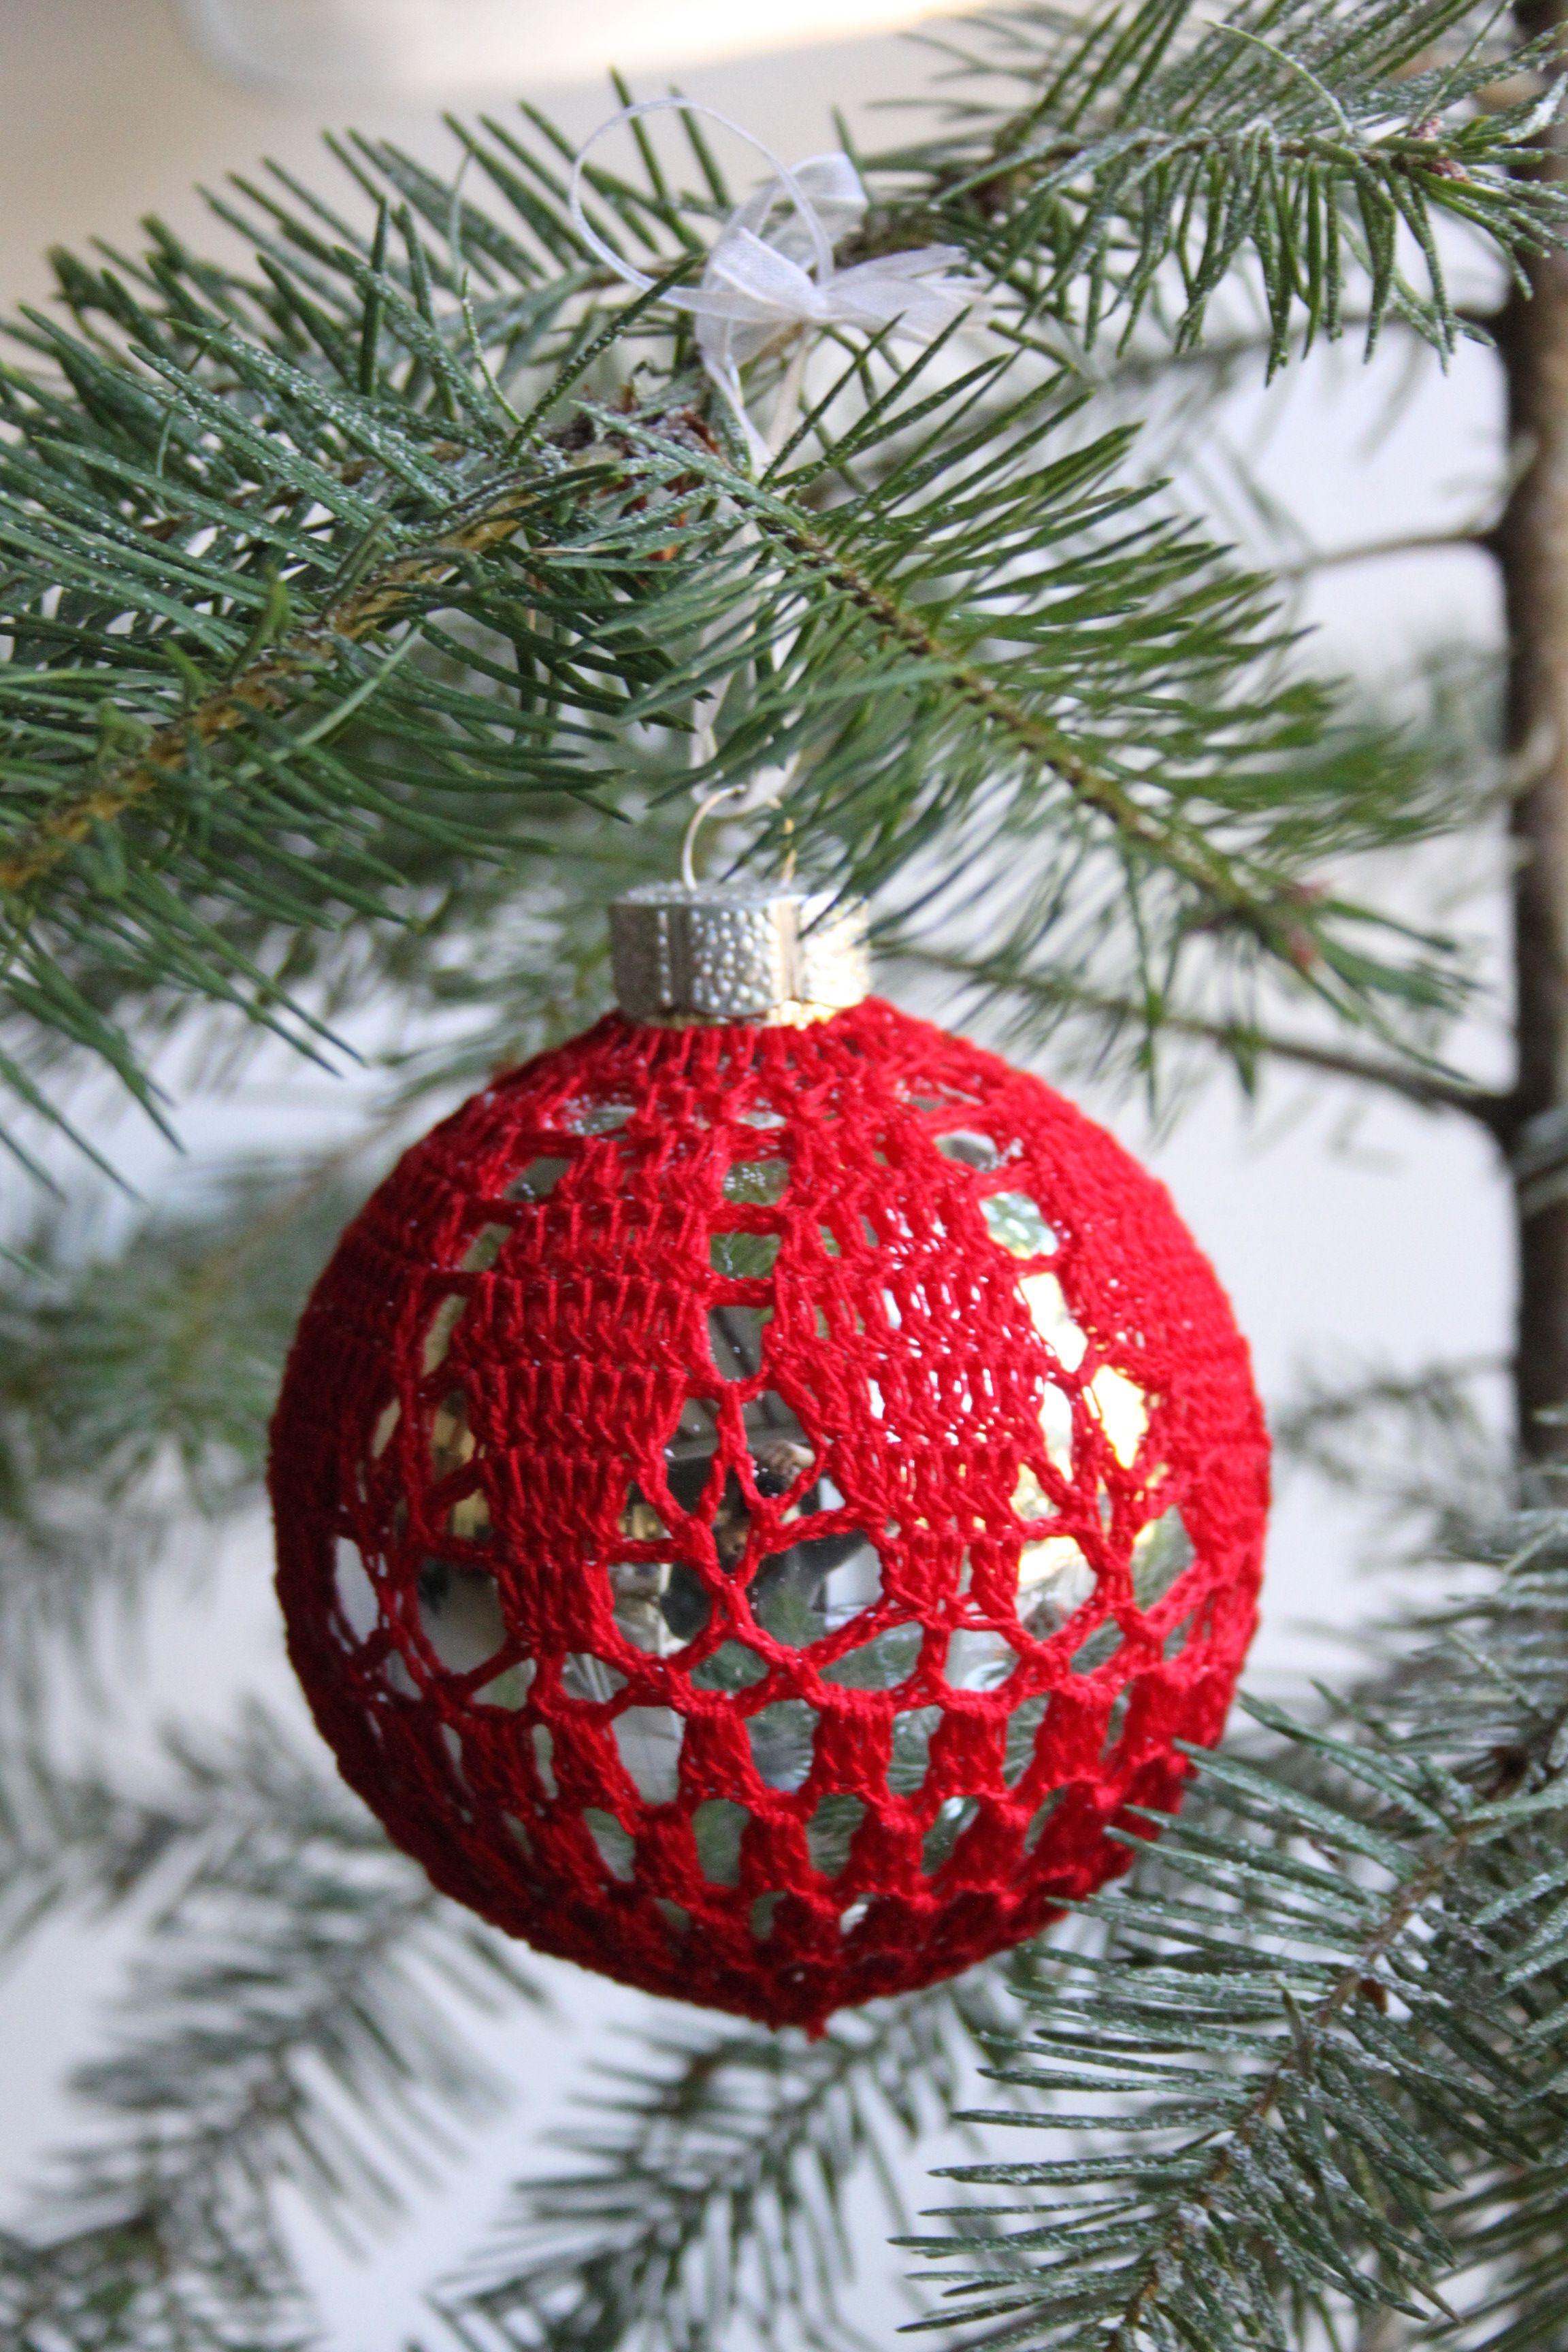 Omhaken Van Een Kerstbal Uit Inhaken Op De Winter Kerst